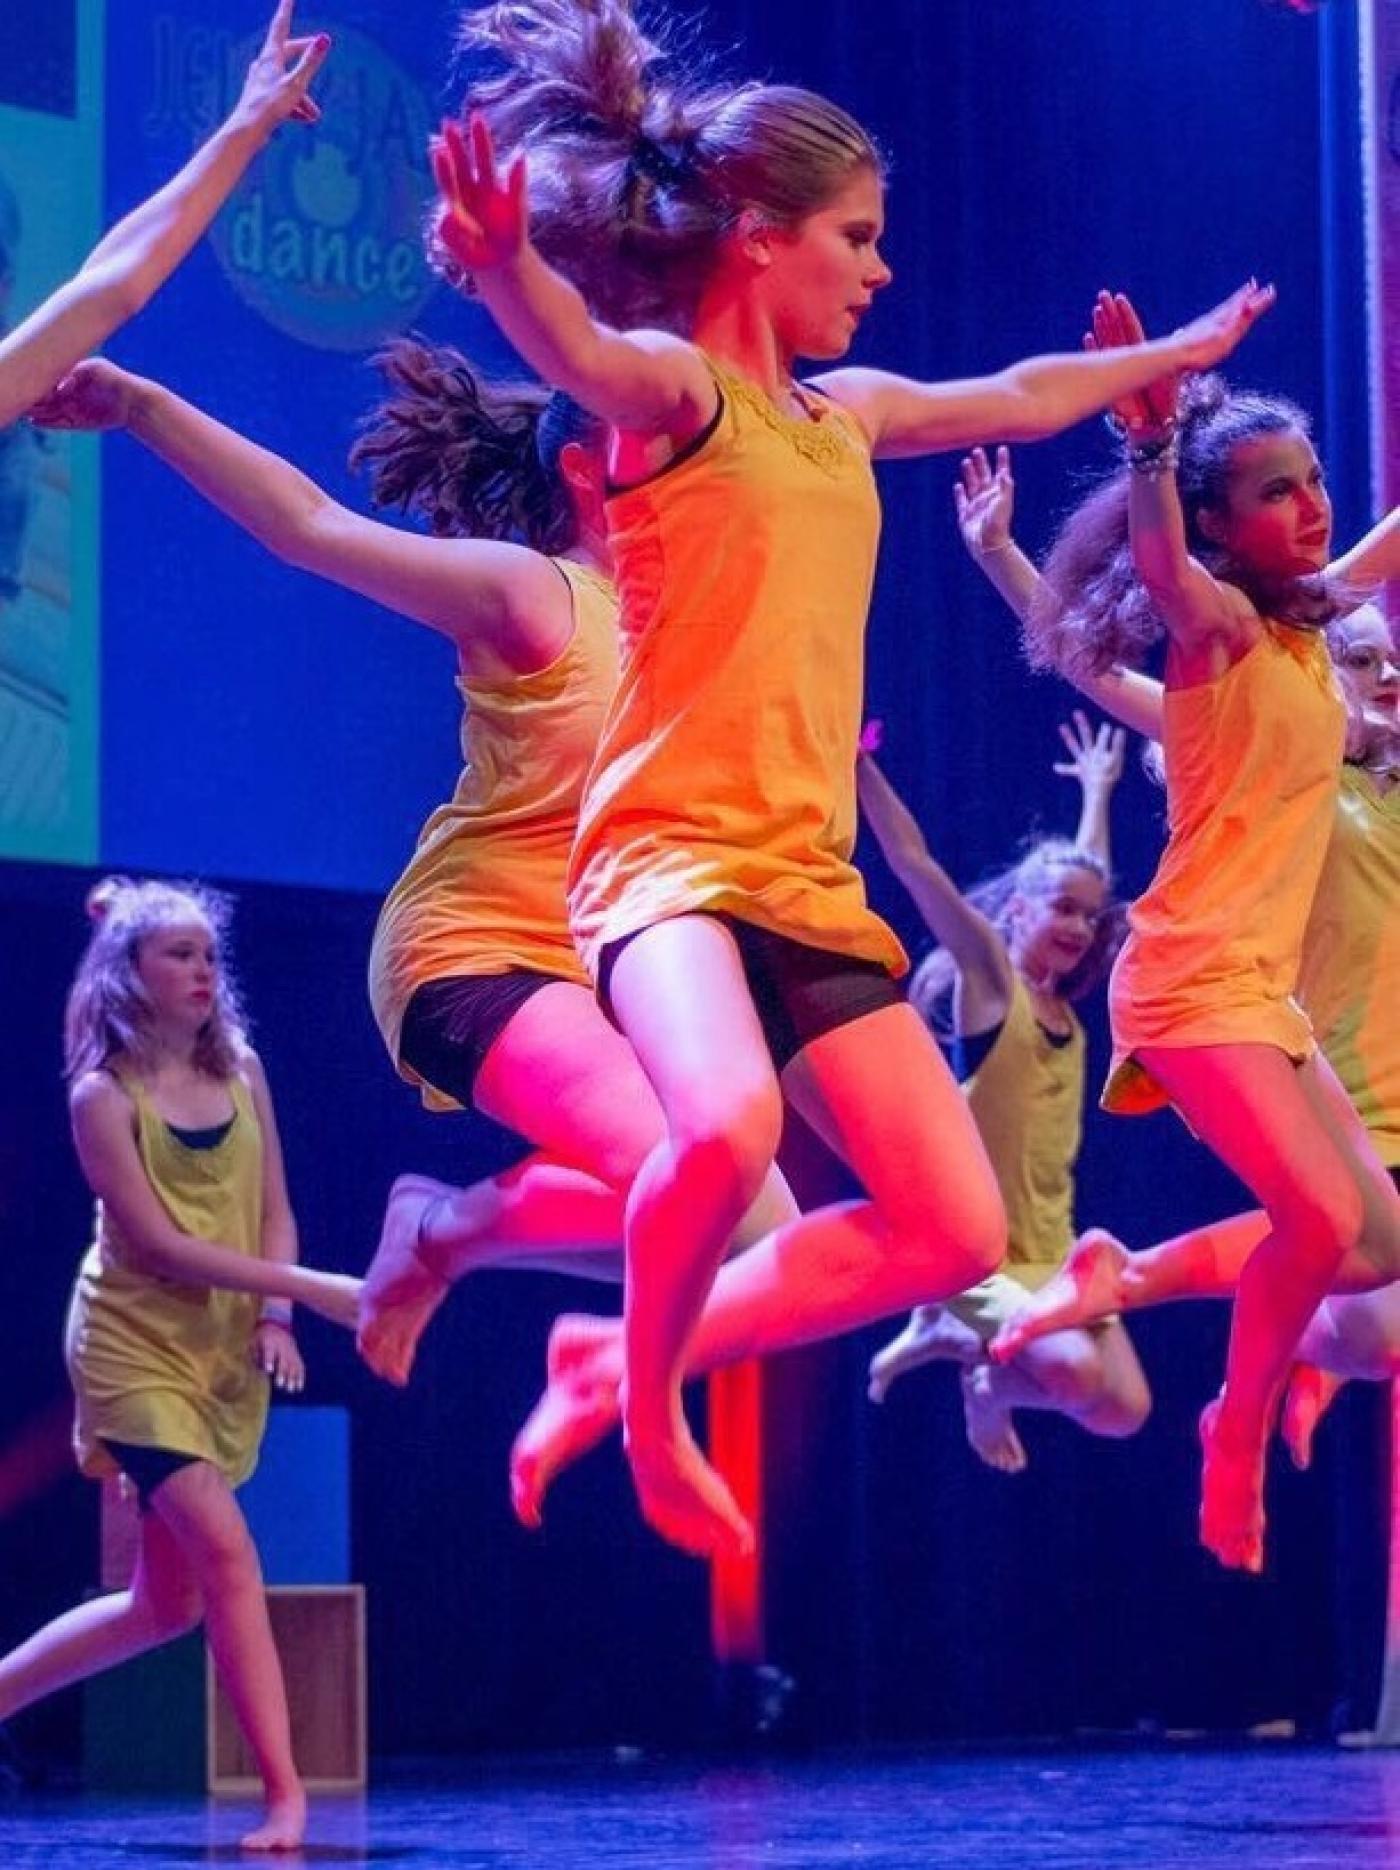 Fien springend op het podium